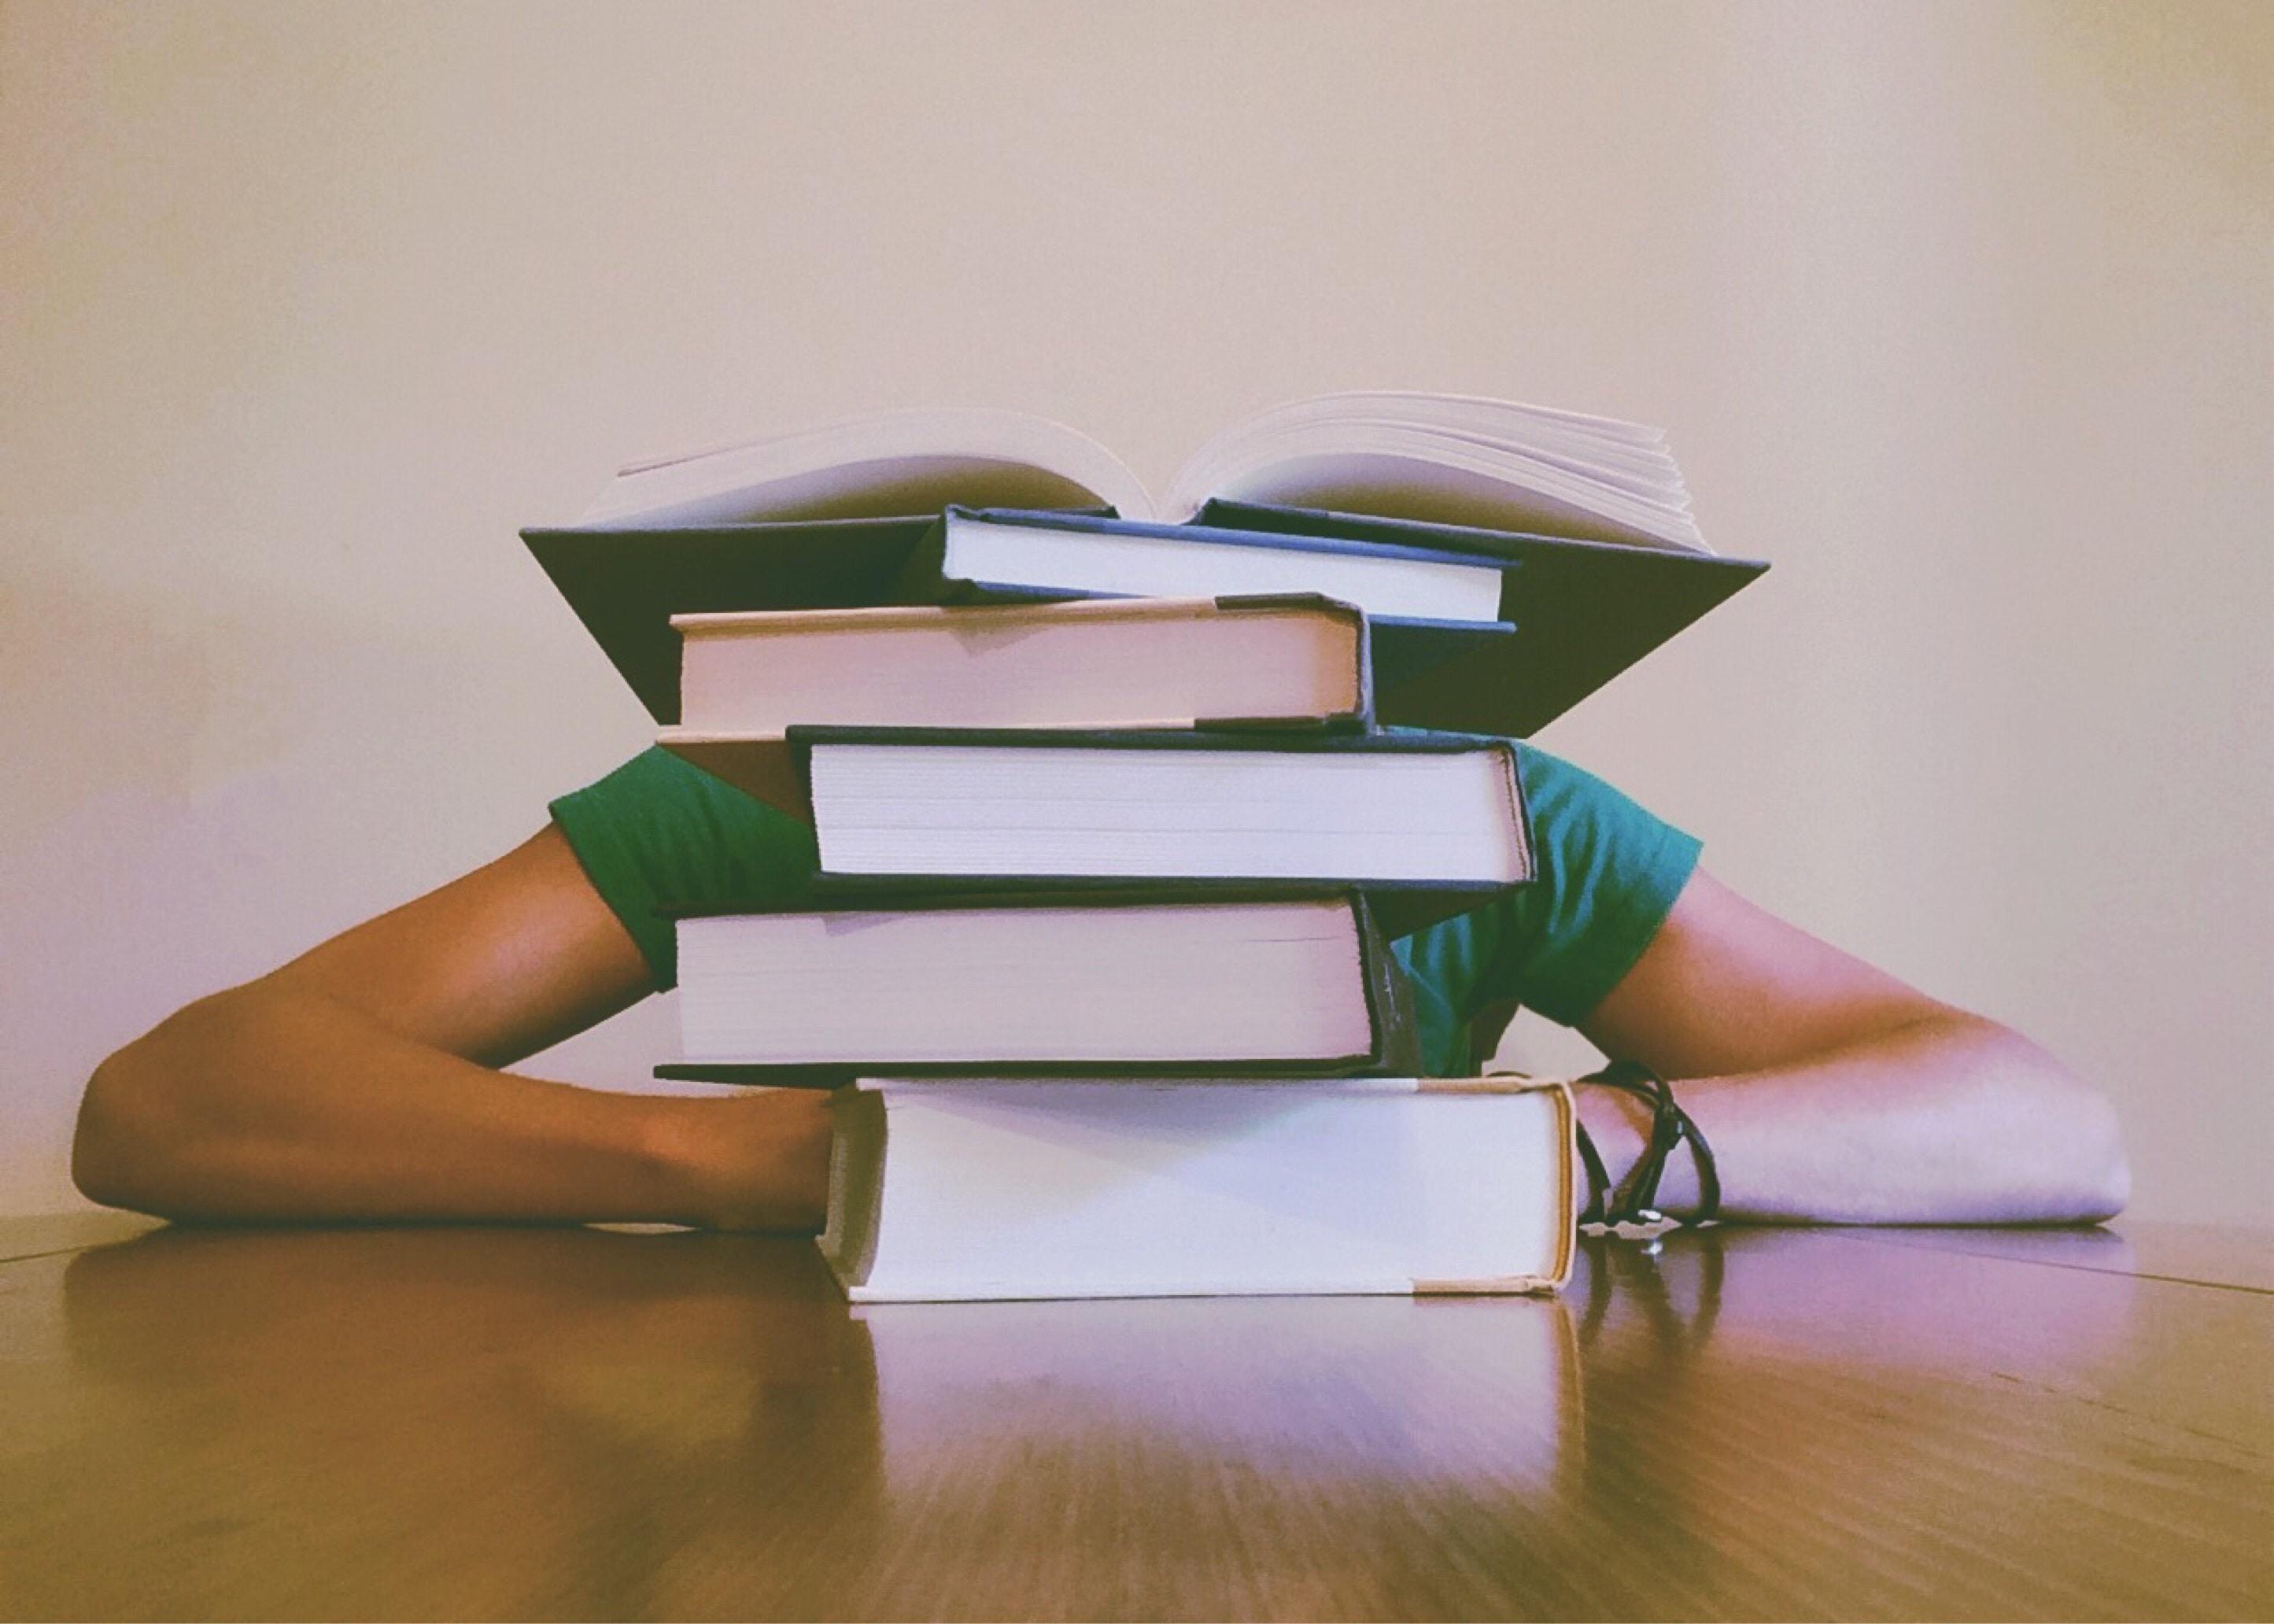 Cerca de 63% dos inscritos para o Enem 2019 em RO já concluíram o ensino médio, segundo o Inep - Notícias - Plantão Diário